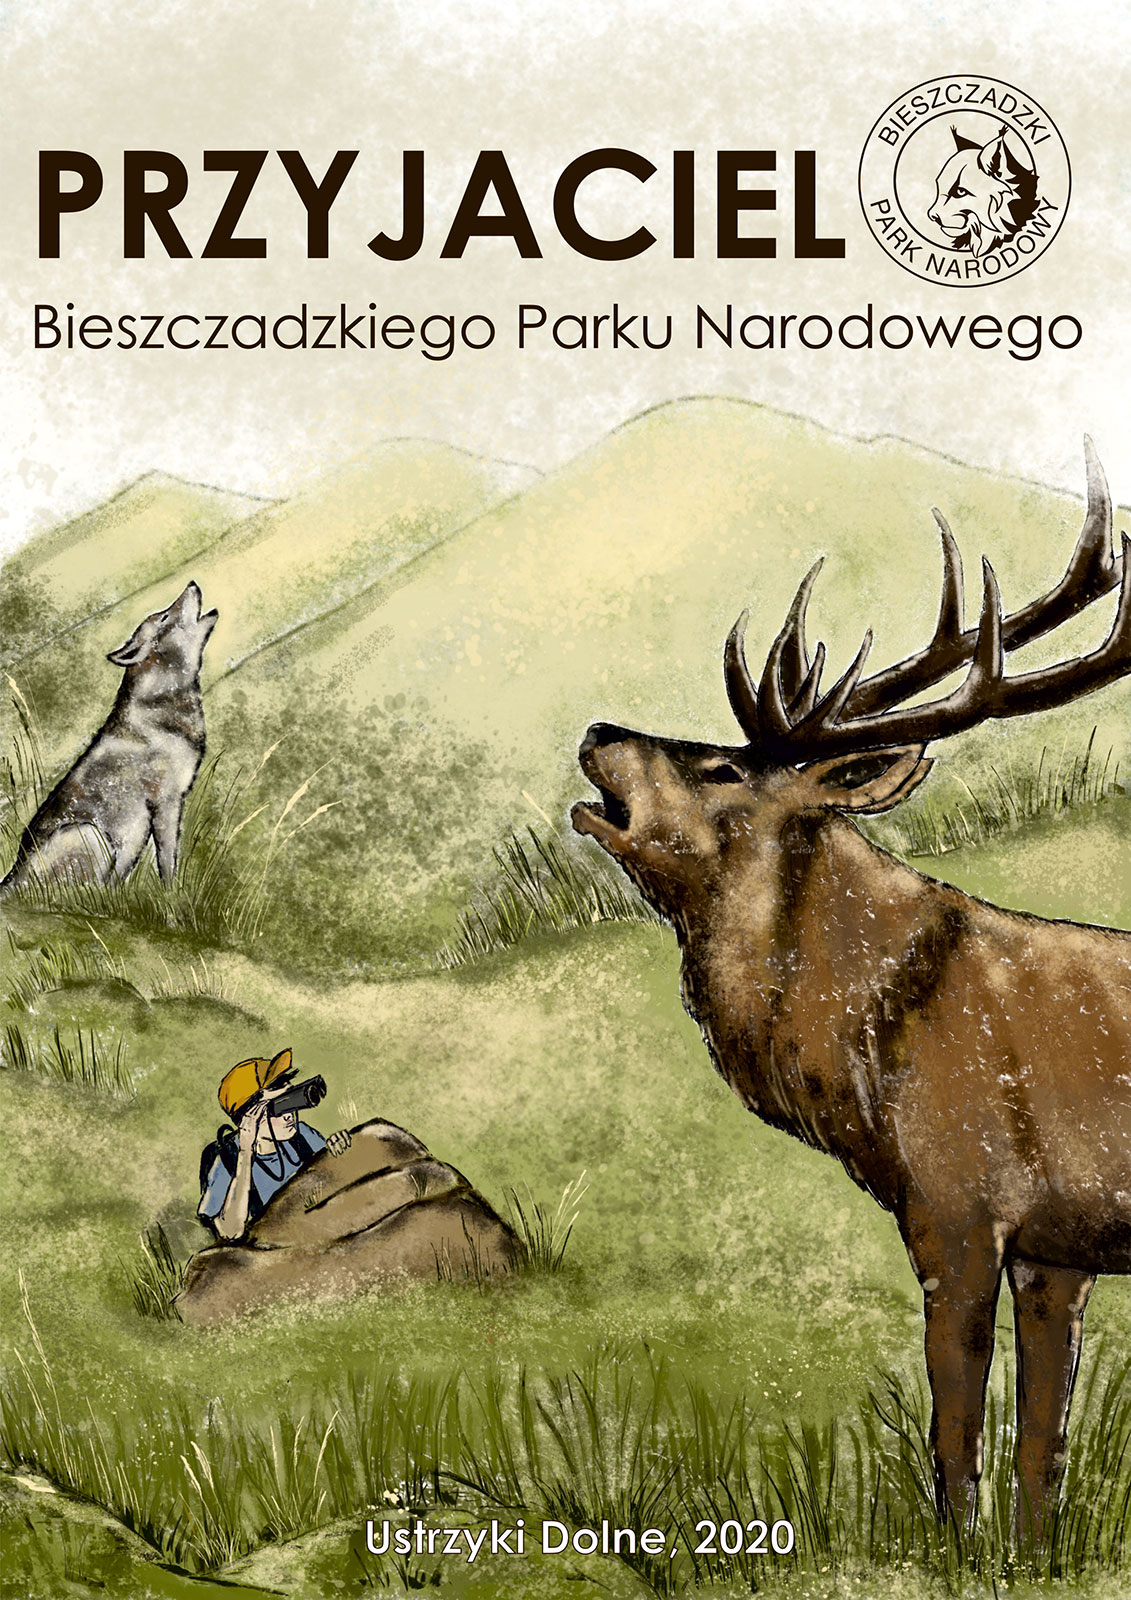 Specjalna nagroda dla dzieci za trudy górskich wypraw w Bieszczadzkim Parku Narodowym - Zdjęcie główne